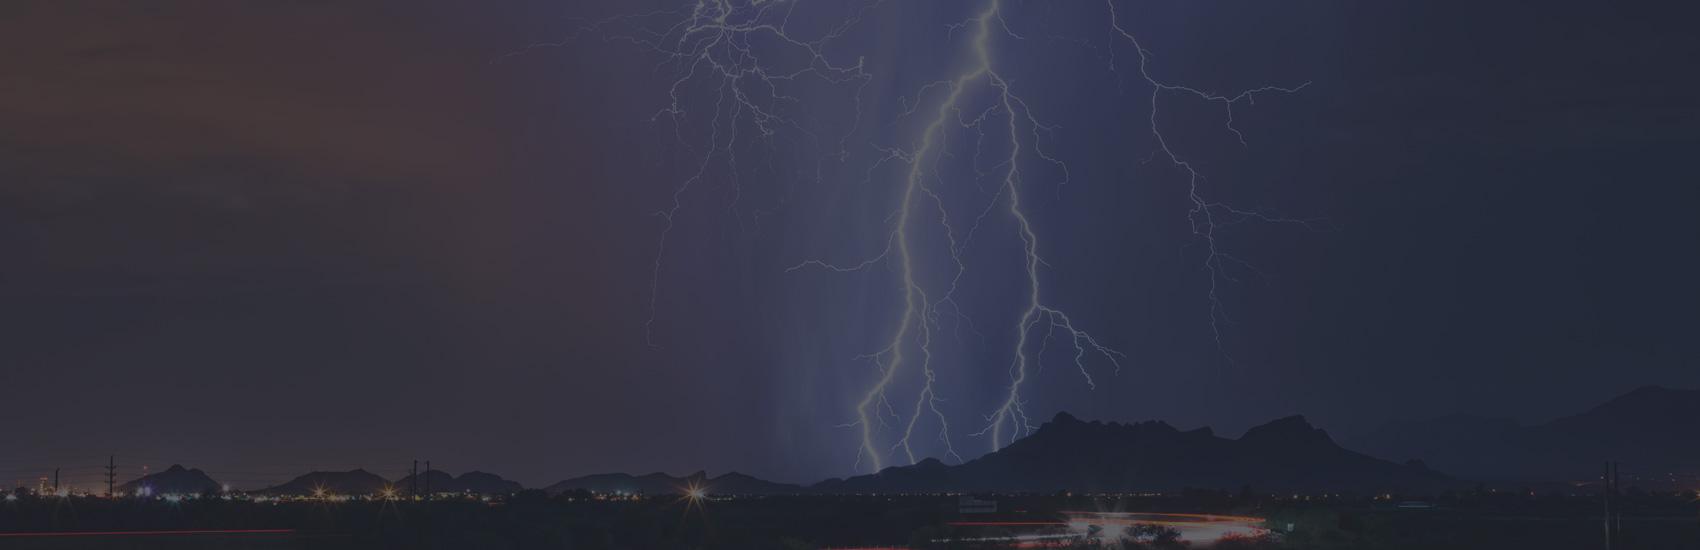 Veille de tornade possible pour Vaudreuil-Soulanges